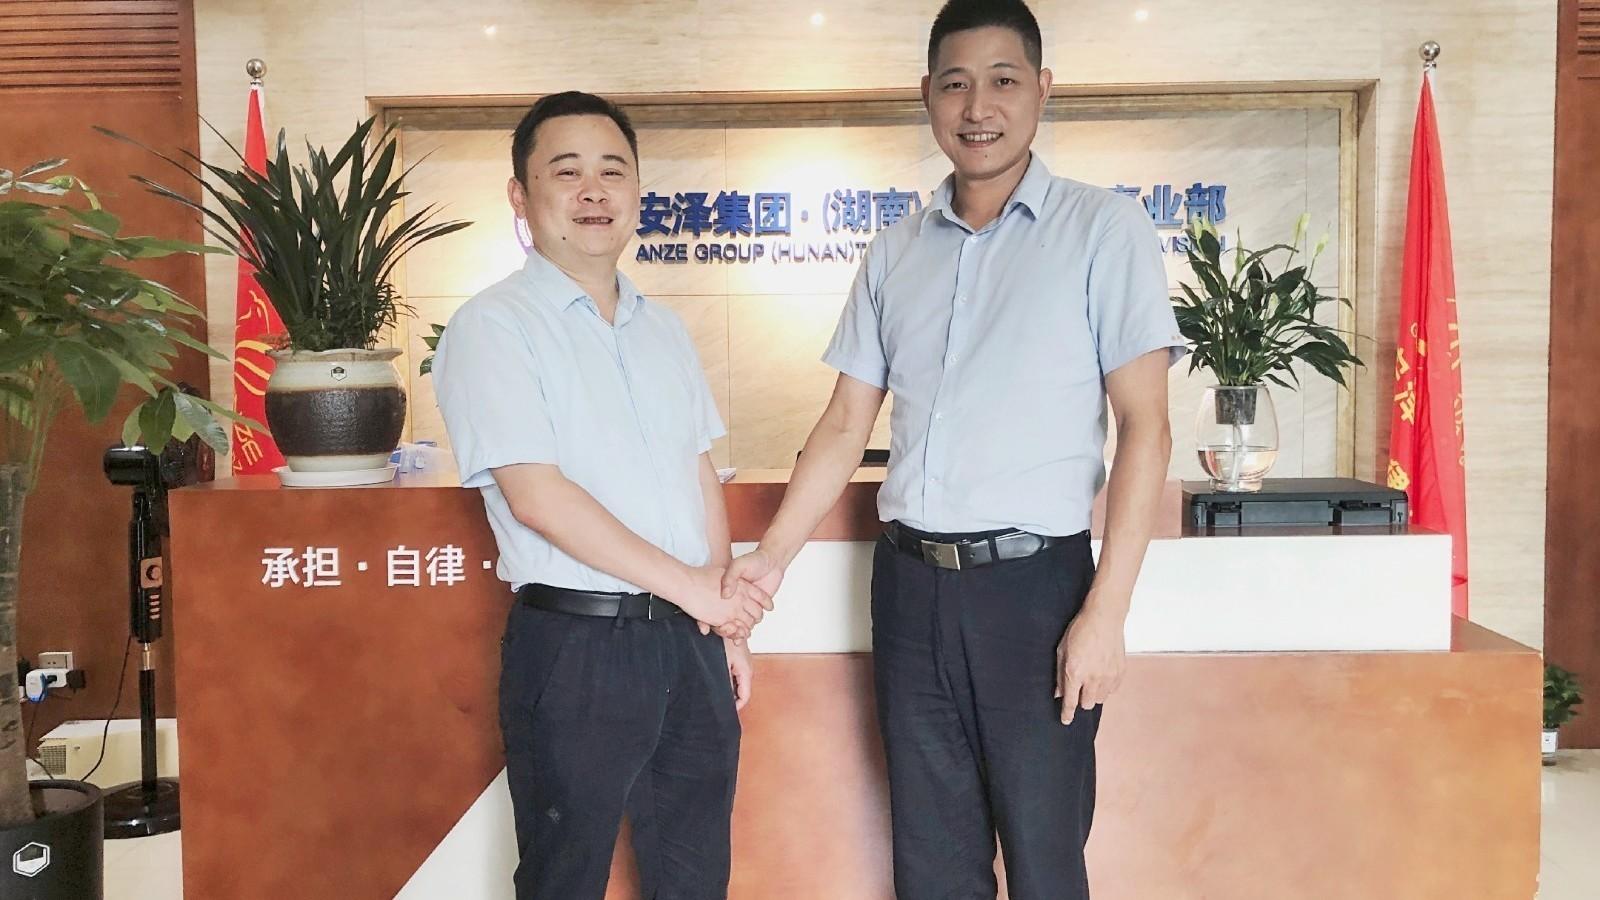 安泽集团与湖南日报新闻培训学院全媒体分院达成战略合作